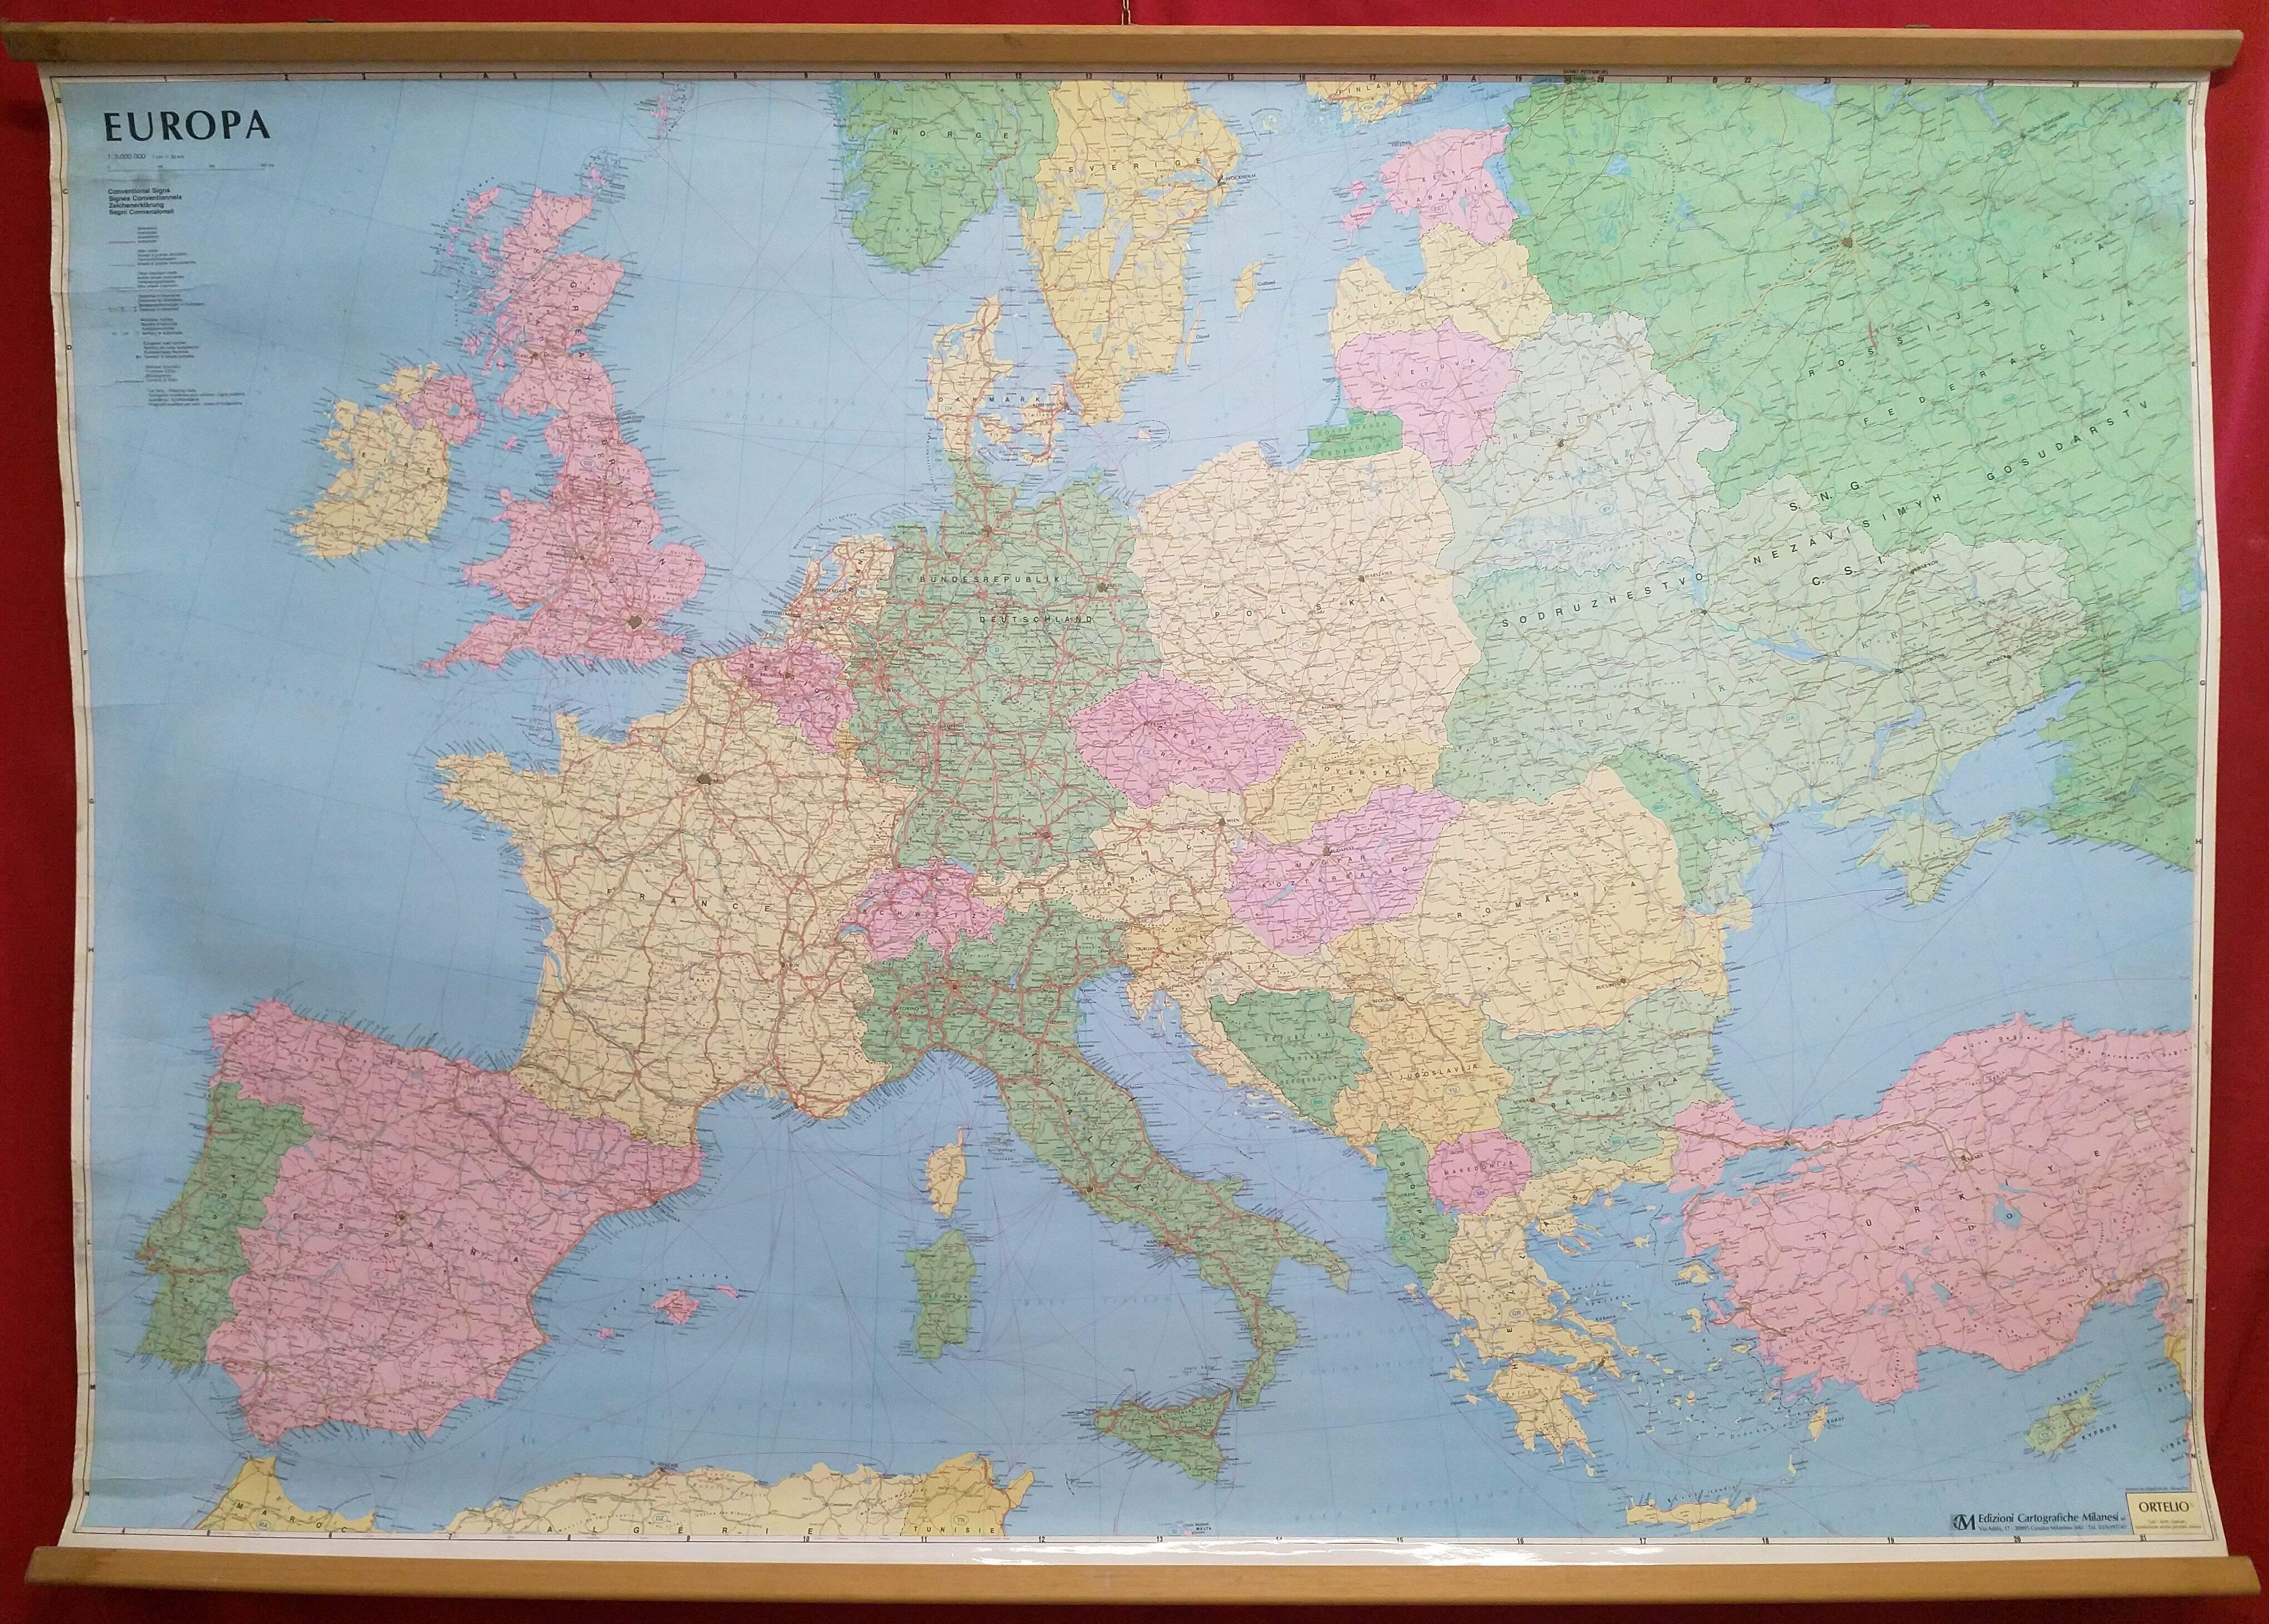 Cartina Geografica Europa In Italiano.Europa Mappa Geografica